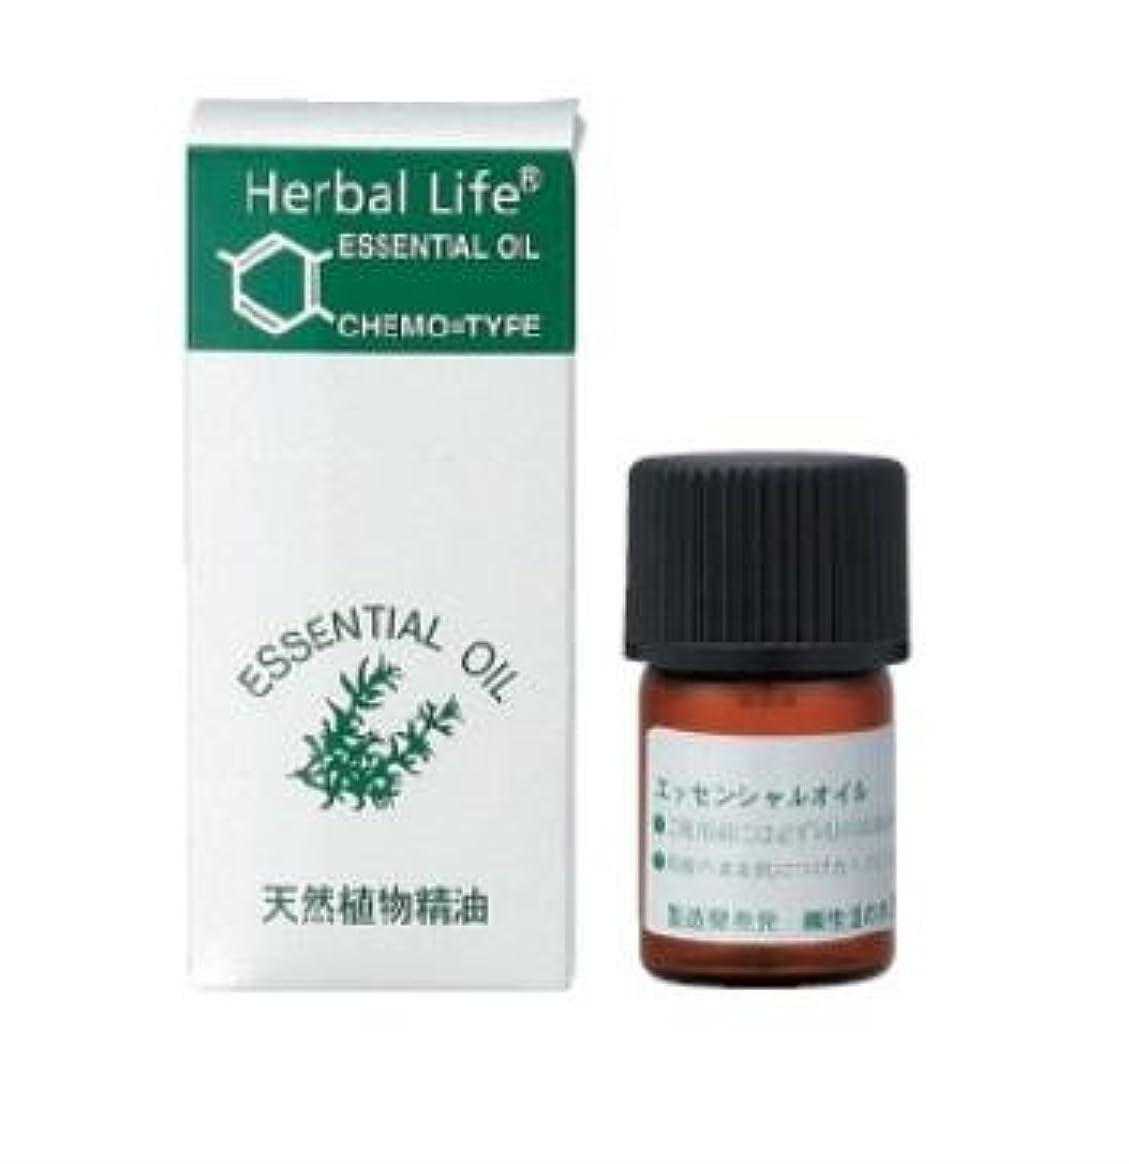 驚かす素子柔らかさ生活の木 エッセンシャルオイル ジンジャー 精油 3ml アロマオイル アロマ